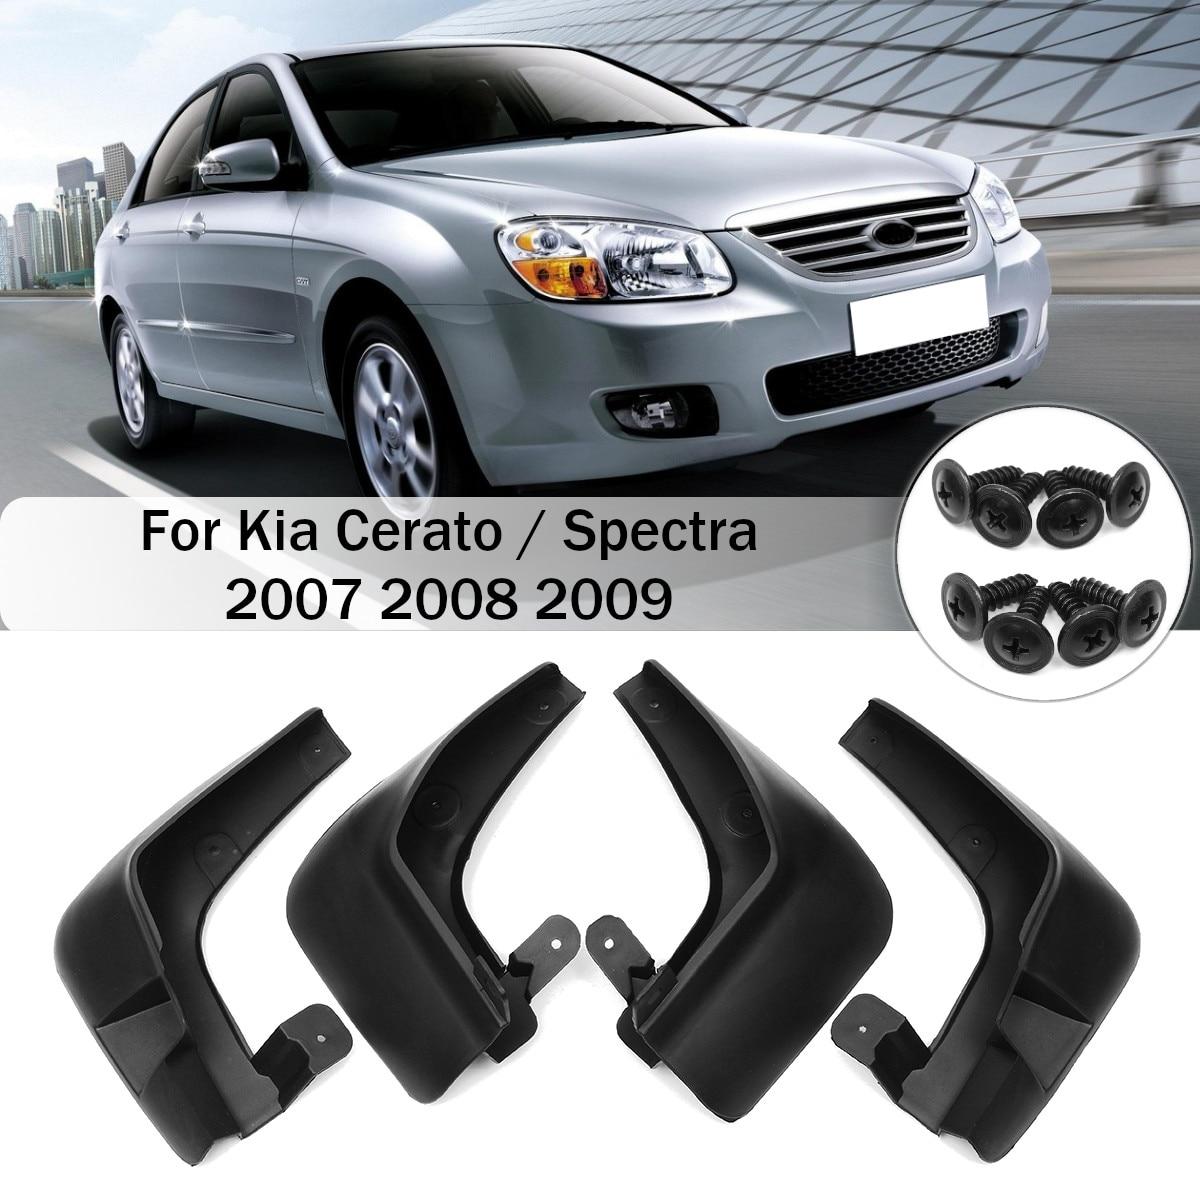 4 pièces voiture garde-boue avant arrière garde-boue évasements garde-boue pour Kia Cerato/Spectra 2007 2008 2009 garde-boue garde-boue